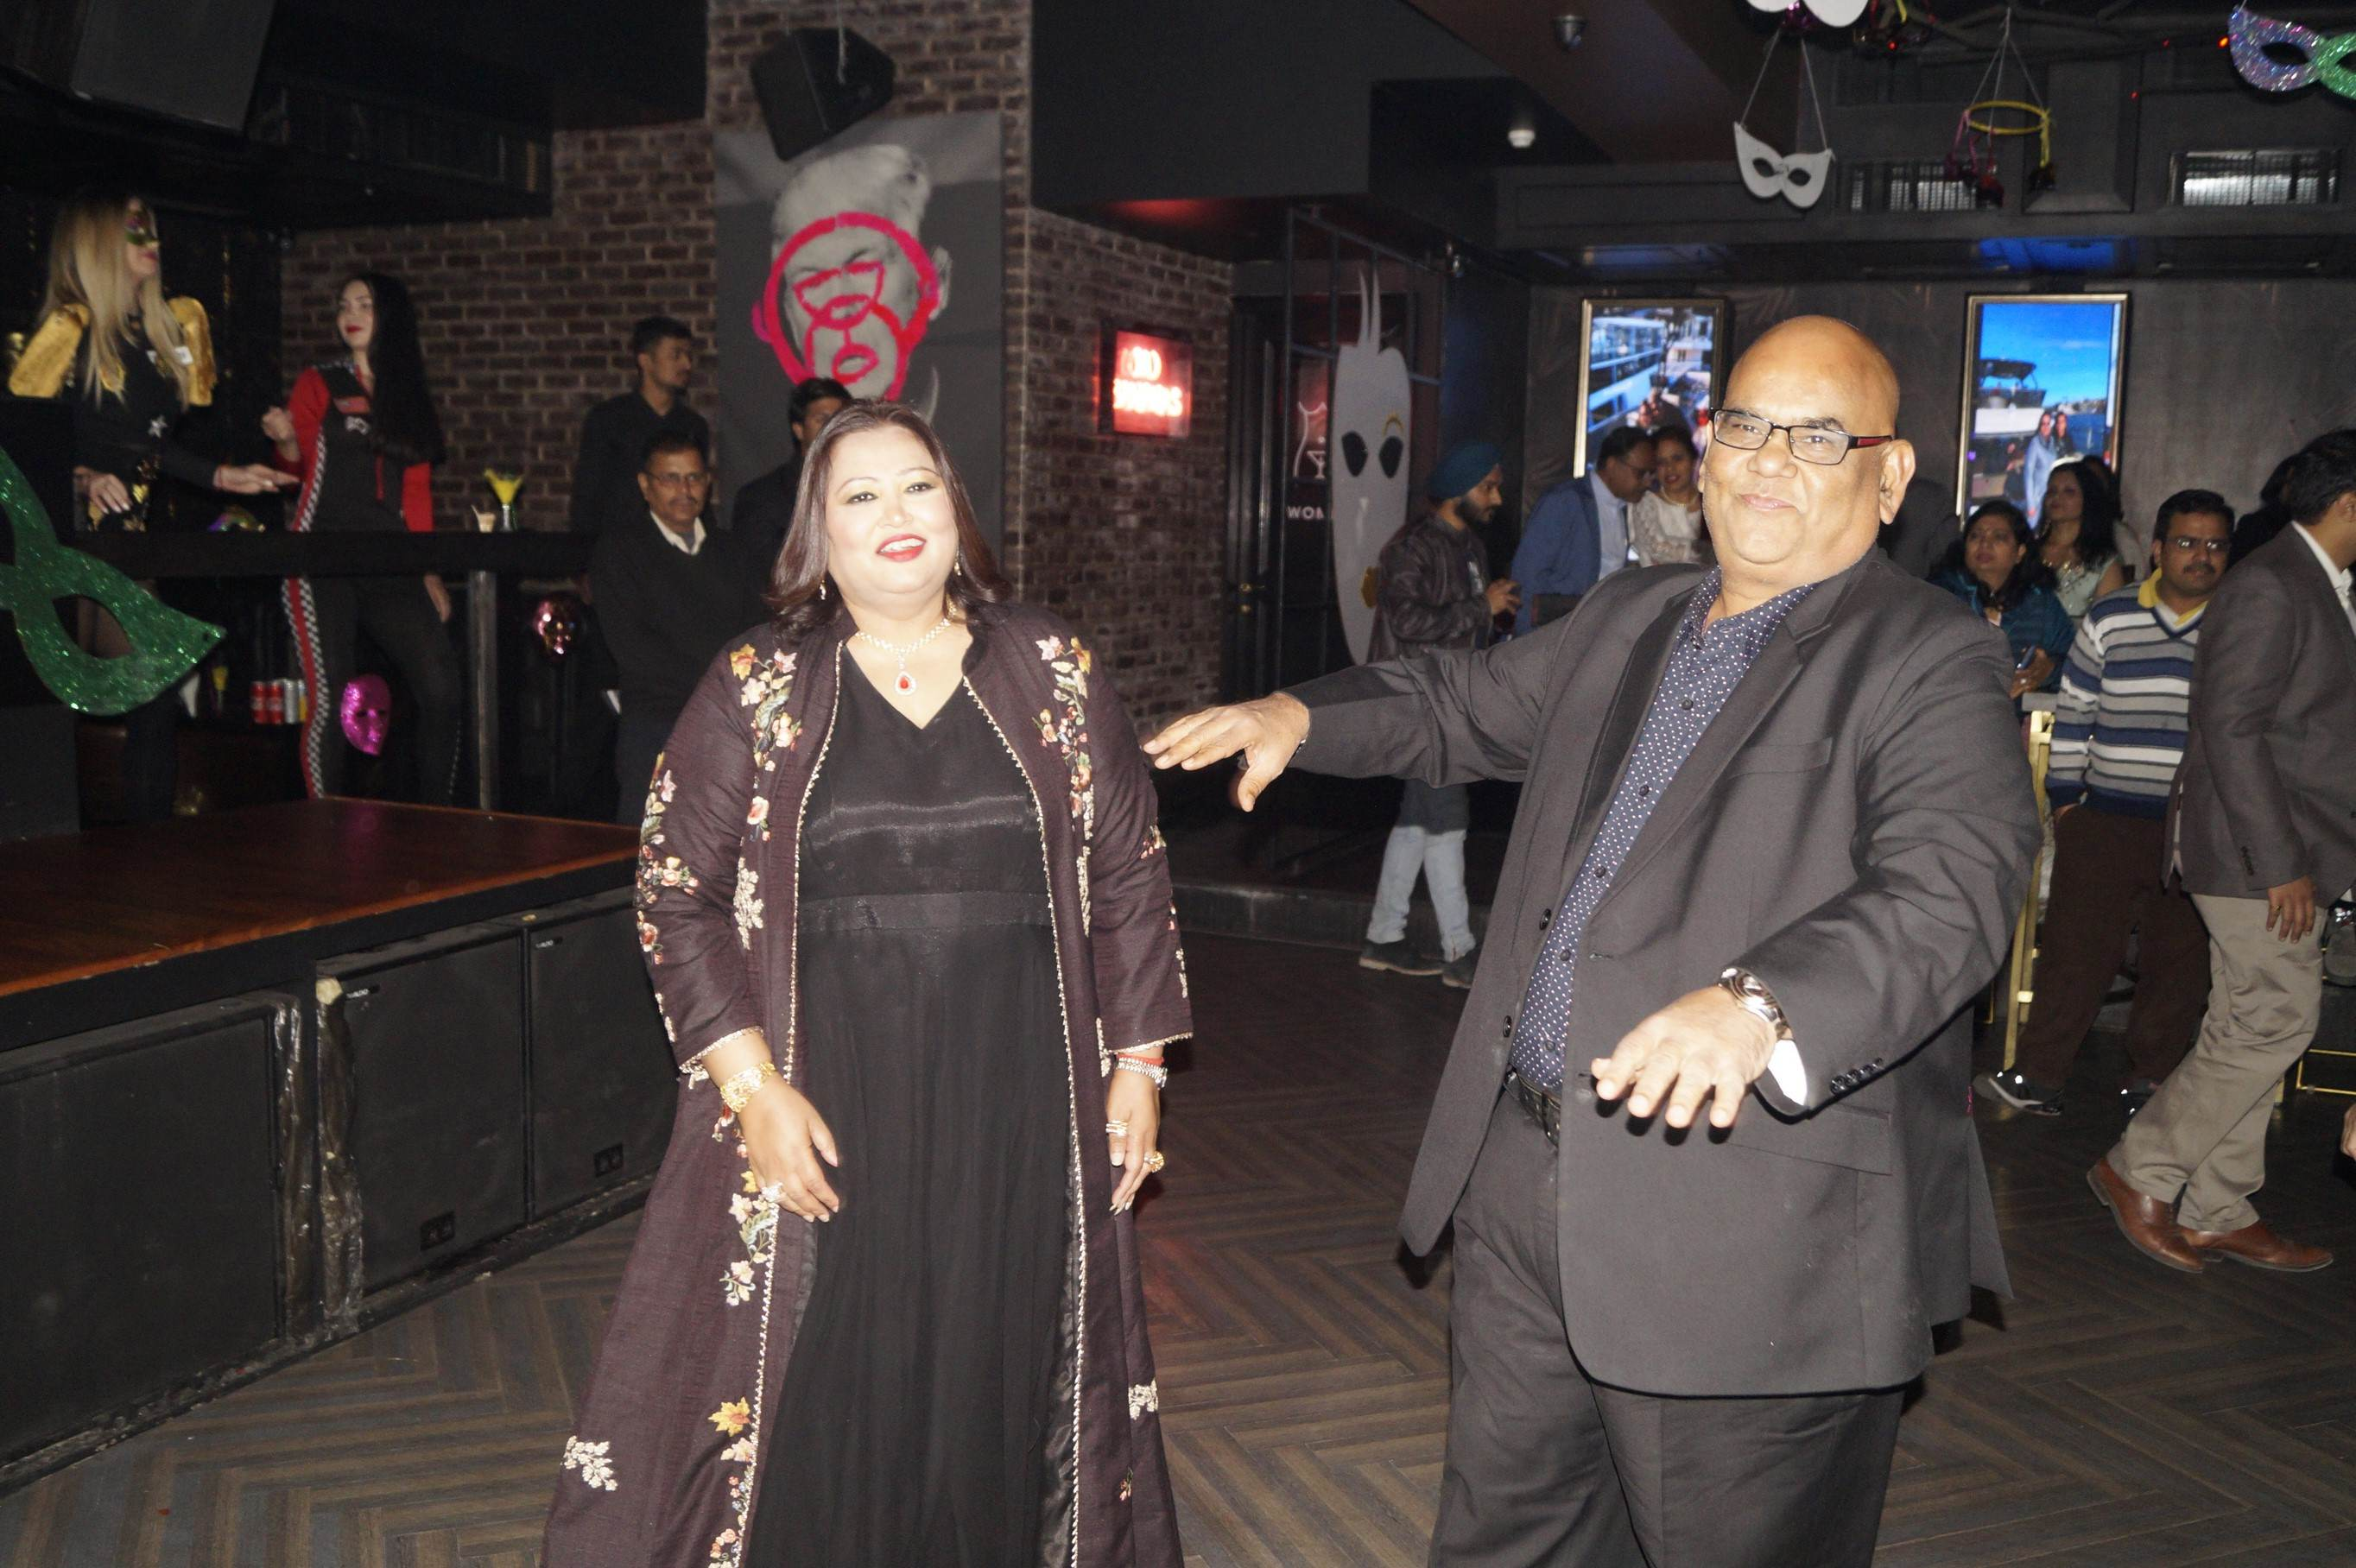 दोस्त शिल्पी शर्मा के 50वें जन्मदिन पर जम के नाचे एक्टर सतीश कौशिक